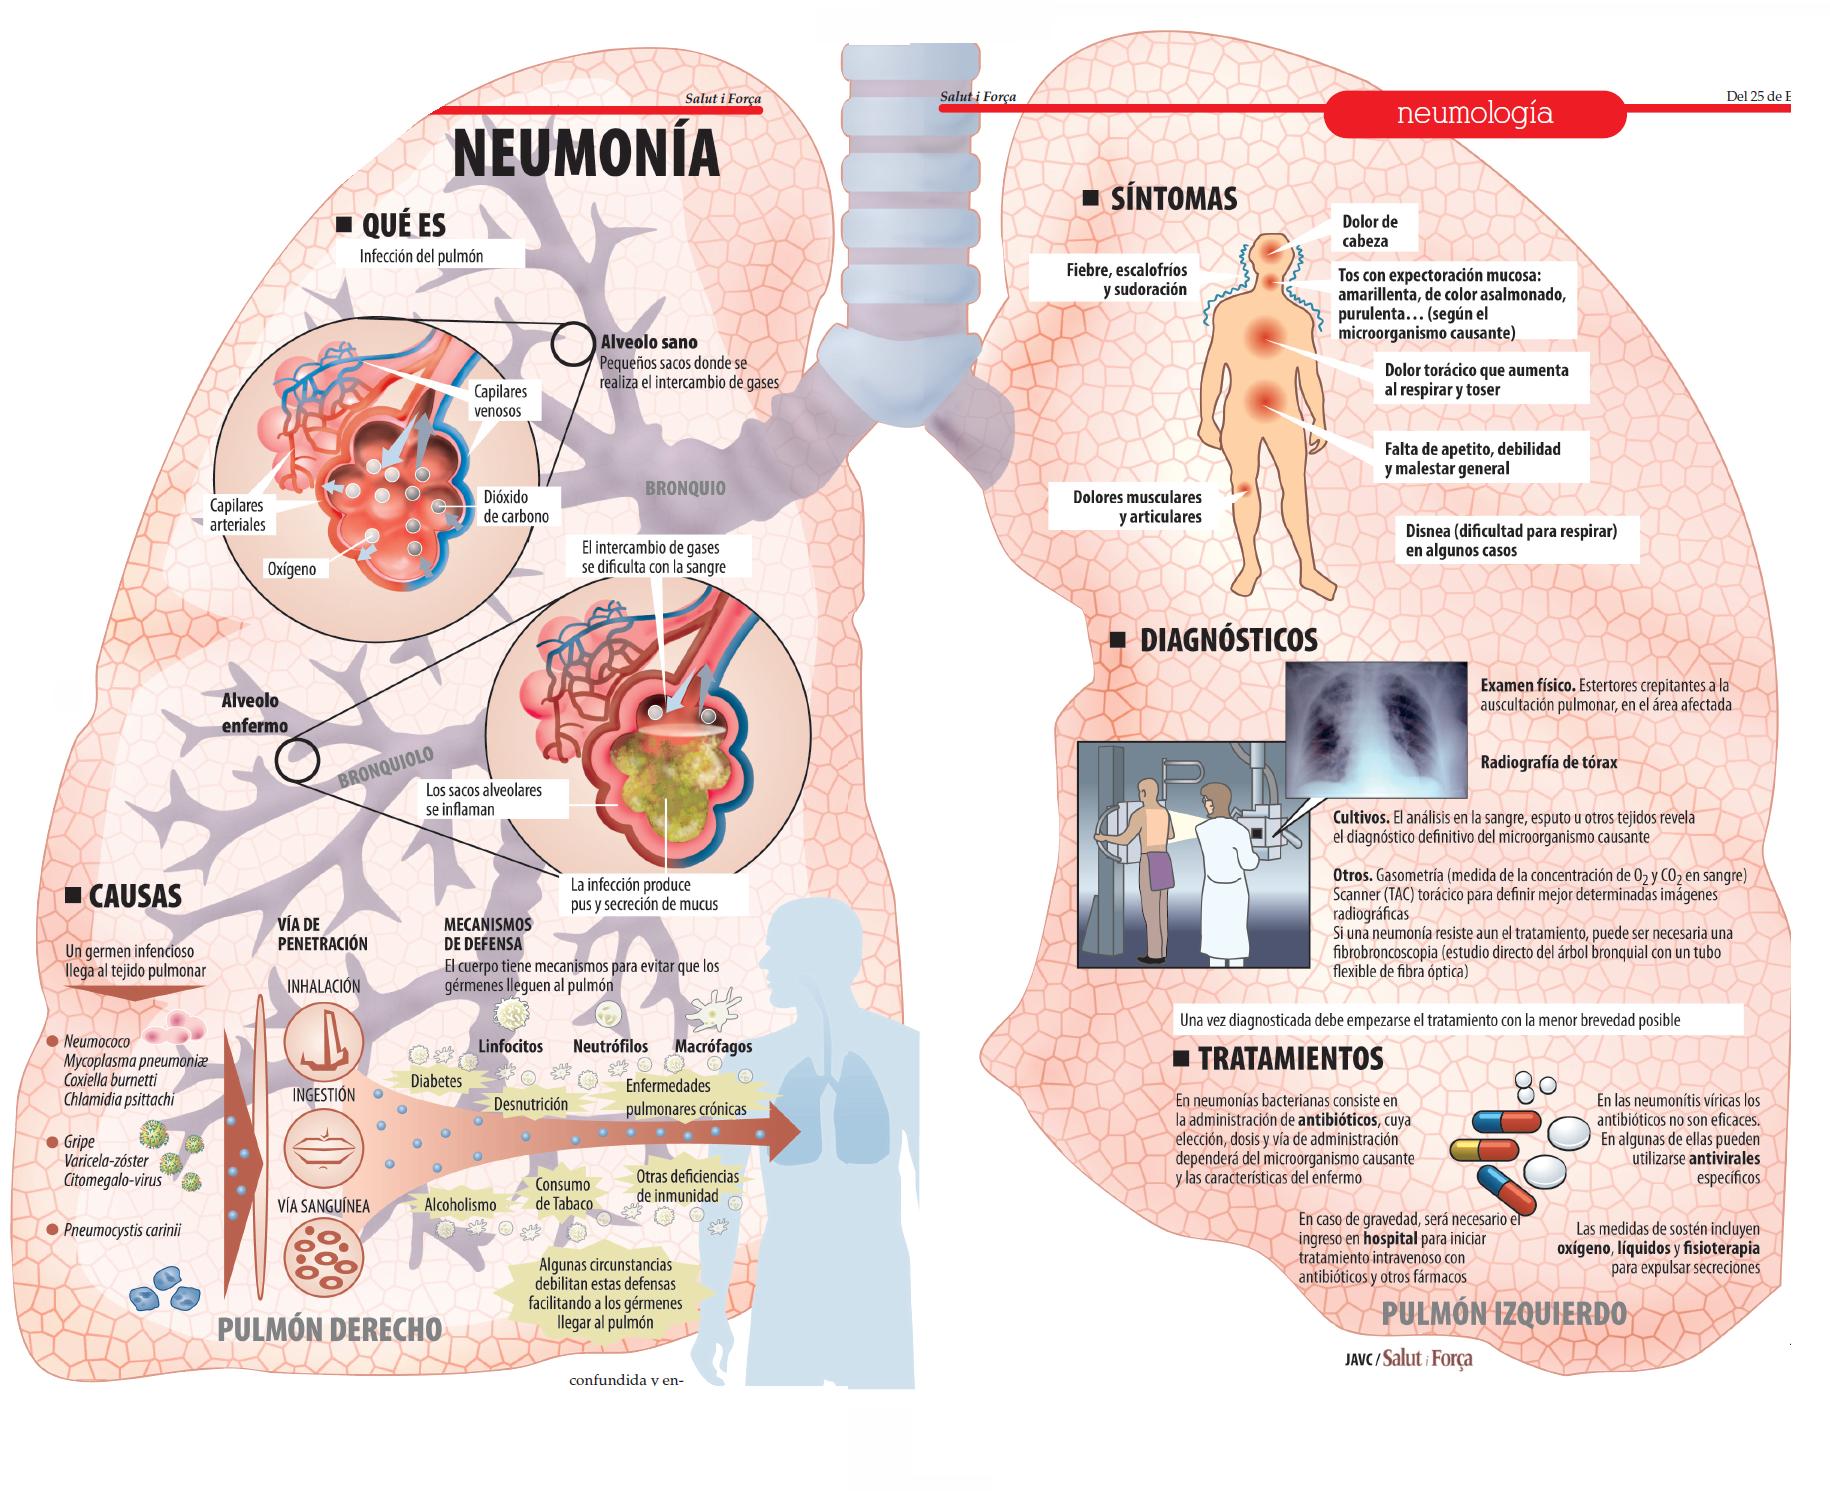 Neumonía: lo que parece un resfriado y es una peligrosa inflamación ...